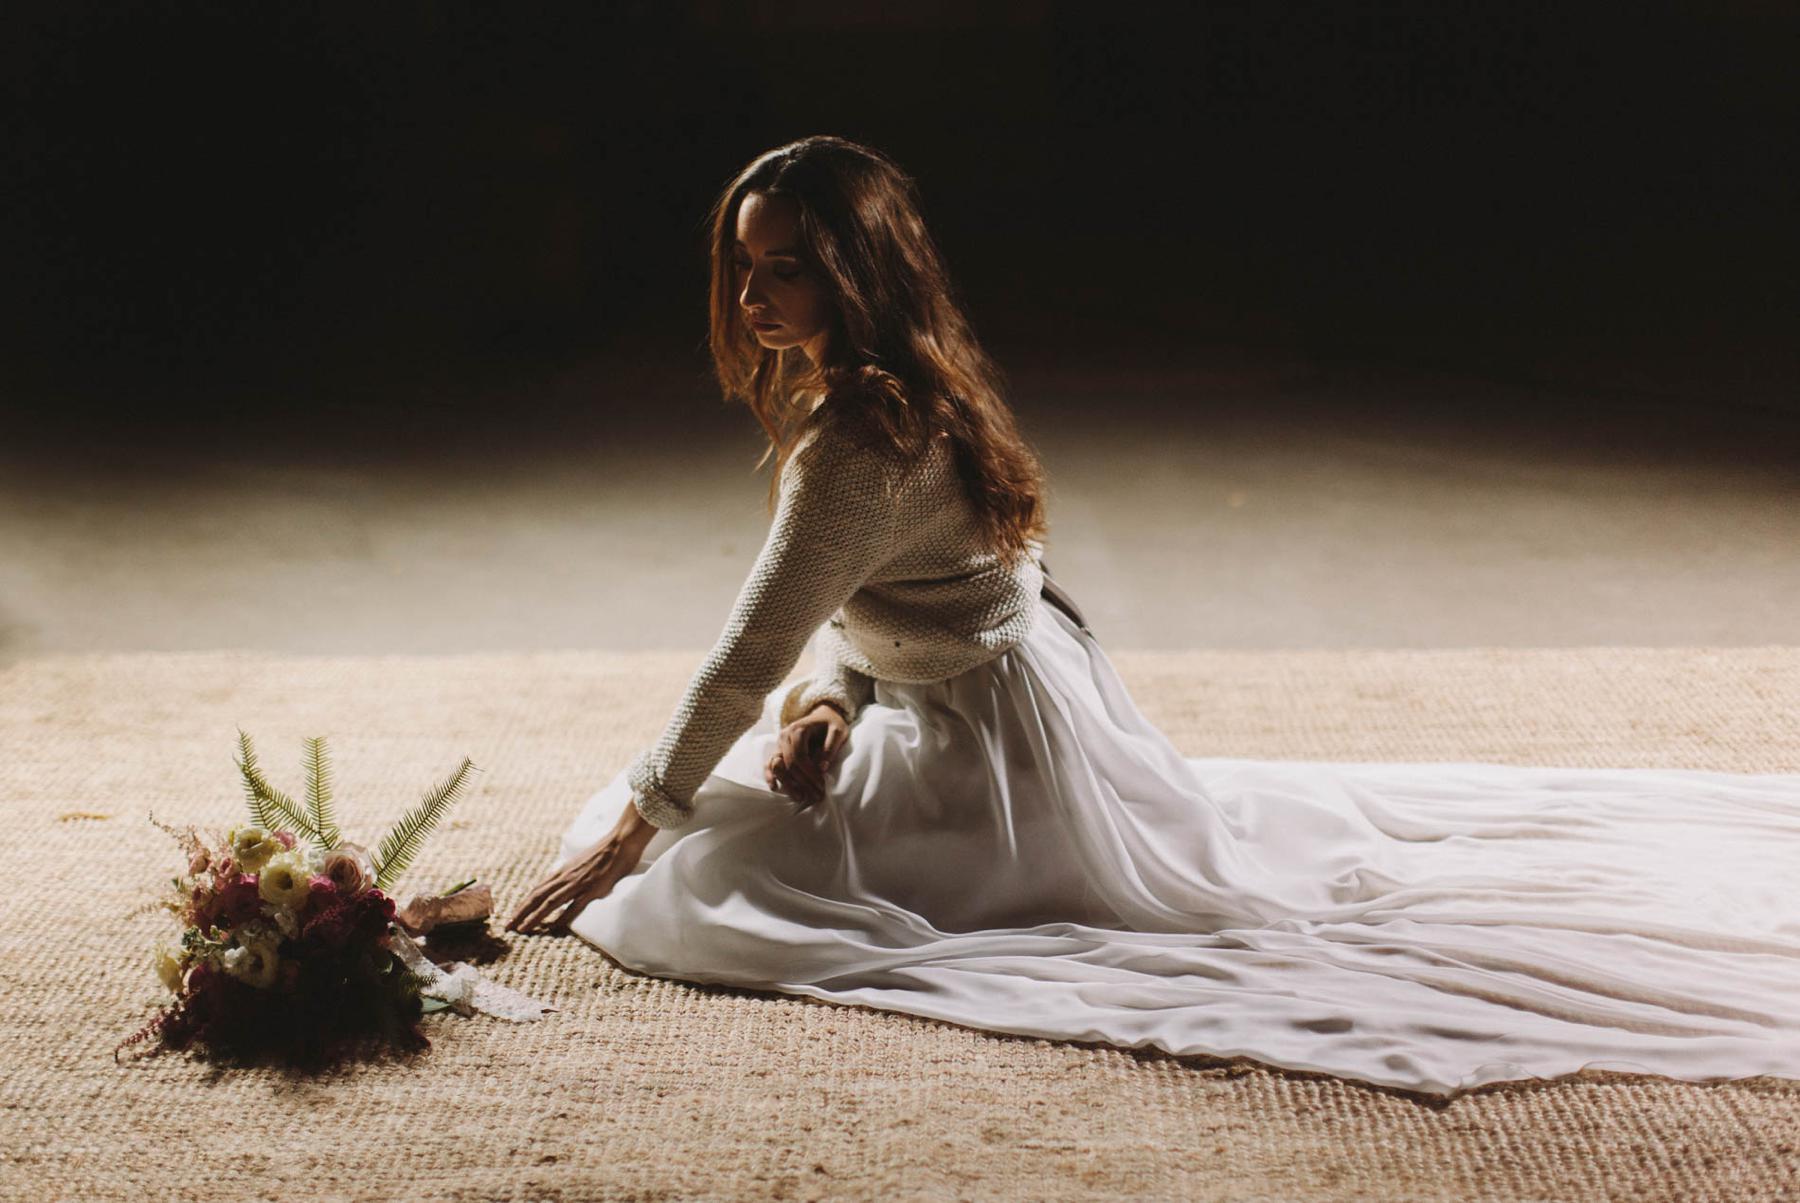 sesion-inspiracion-bodas-rose-desire28